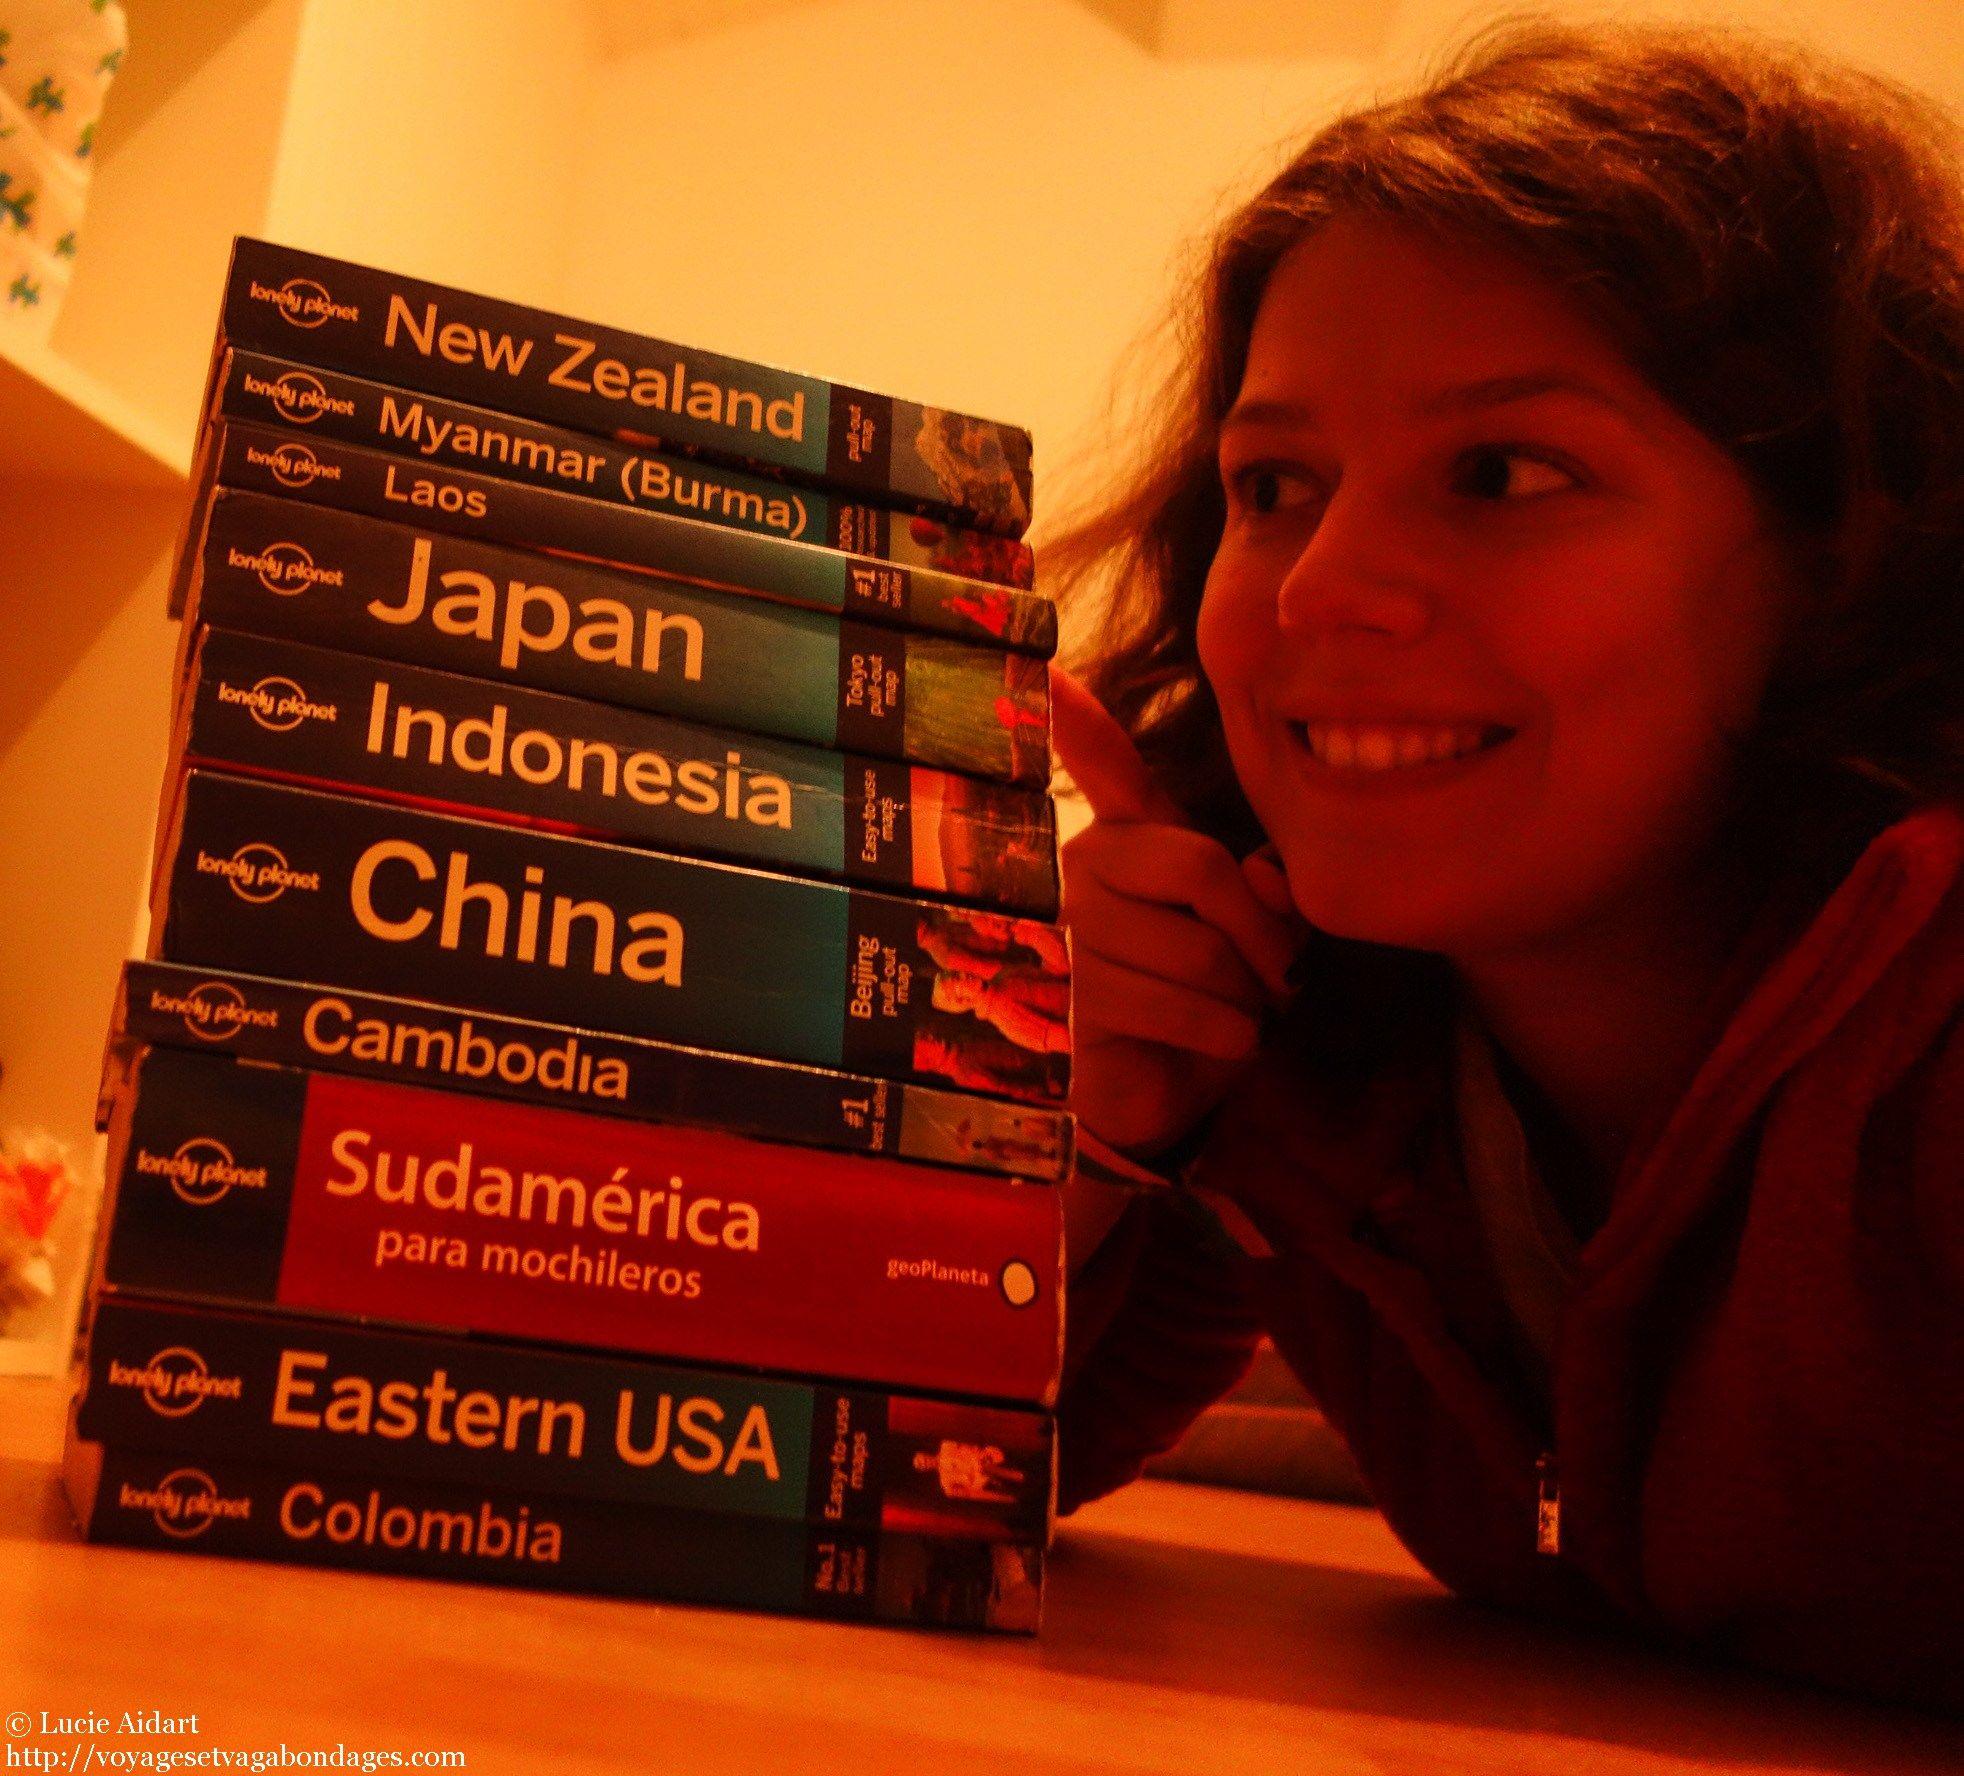 Un tour du monde en chiffres, c'est des milliers de kilomètres, des milliers d'euros, une dizaine de guides de voyage Lonely Planet et de pays, plusieurs tampons de passeports, des rencontres animales étonnantes, de belles rencontres humaines, et bien plus encore...  Tous les chiffres de mon tour du monde sont par ici! http://voyagesetvagabondages.com/2015/01/mon-tour-du-monde-en-chiffres/